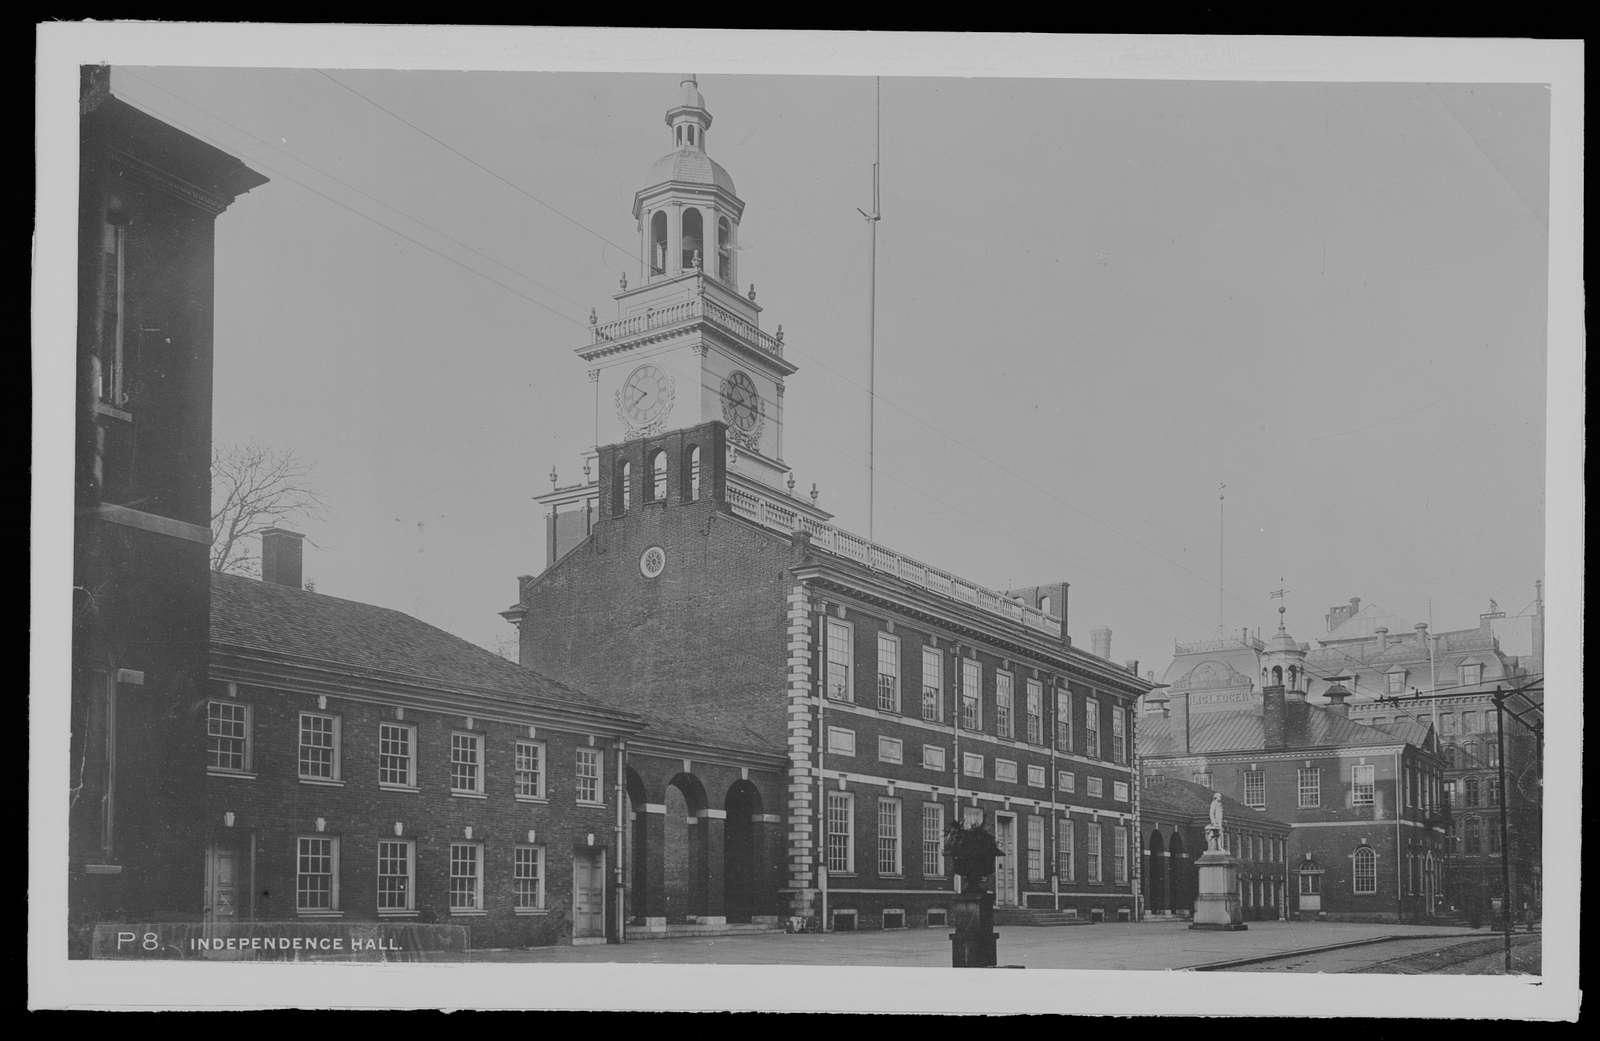 Independence Hall, Philadelphia, Pa.